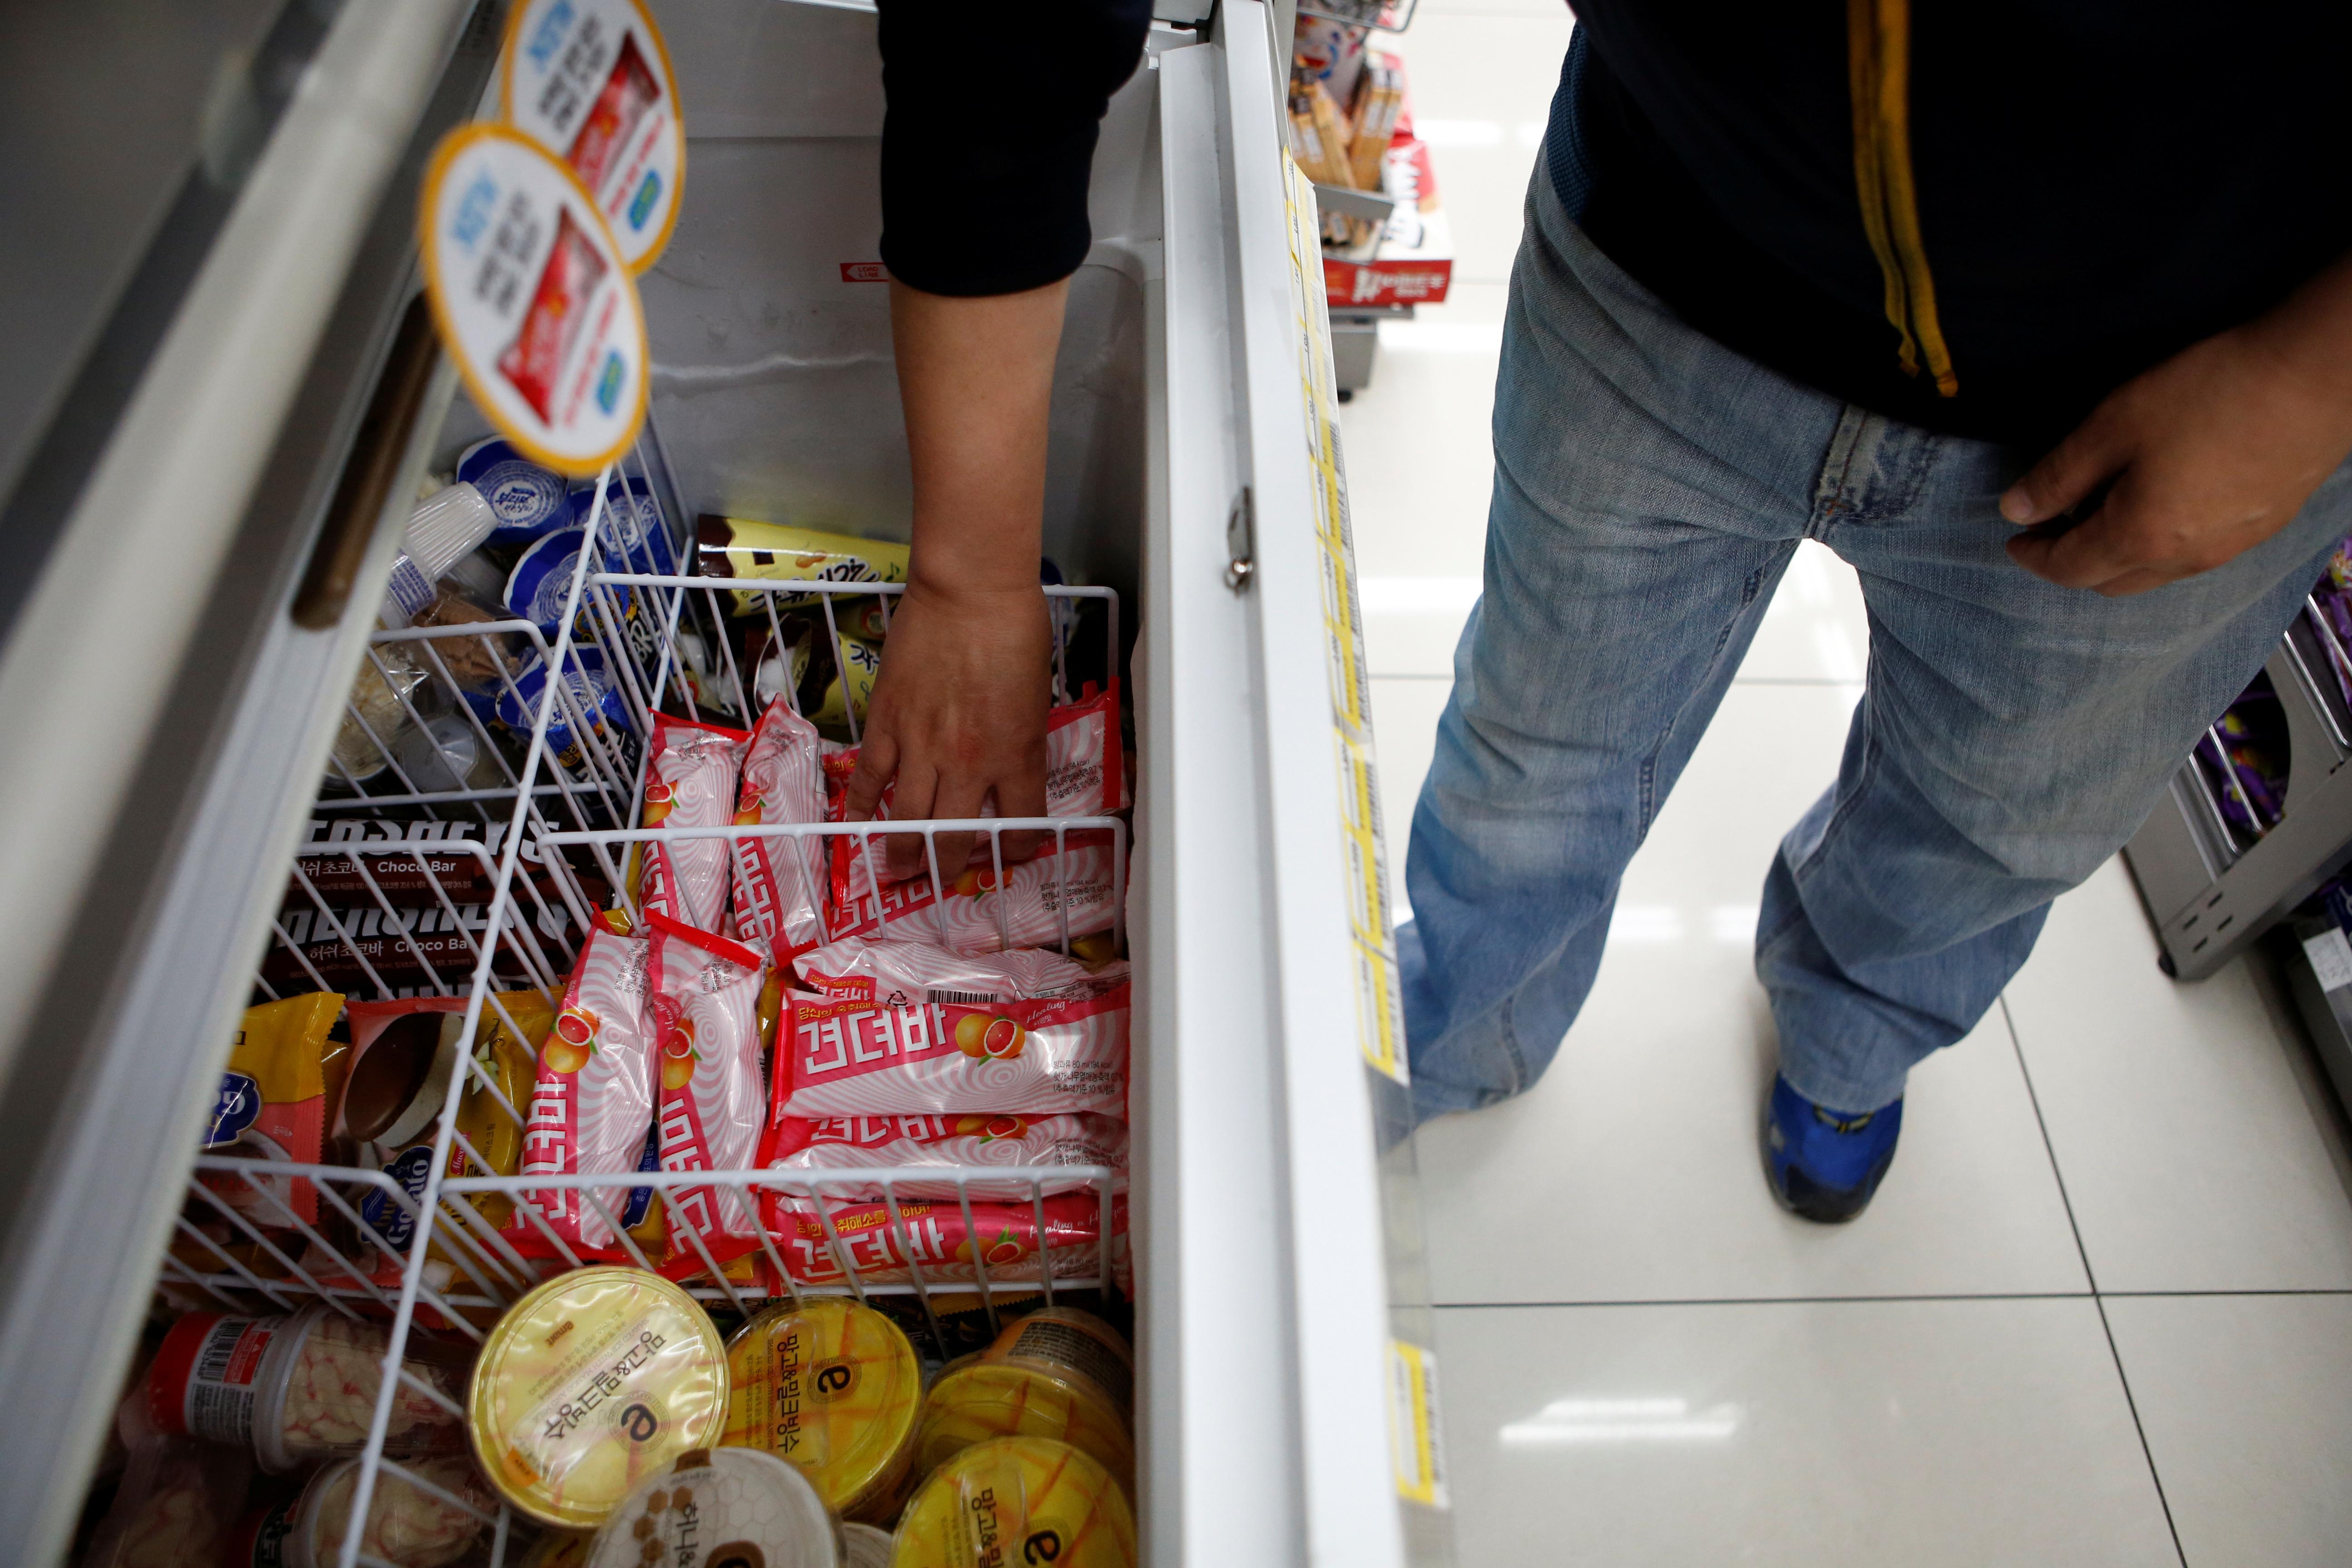 Јужнокорејците направиле сладолед за лечење на мамурлак